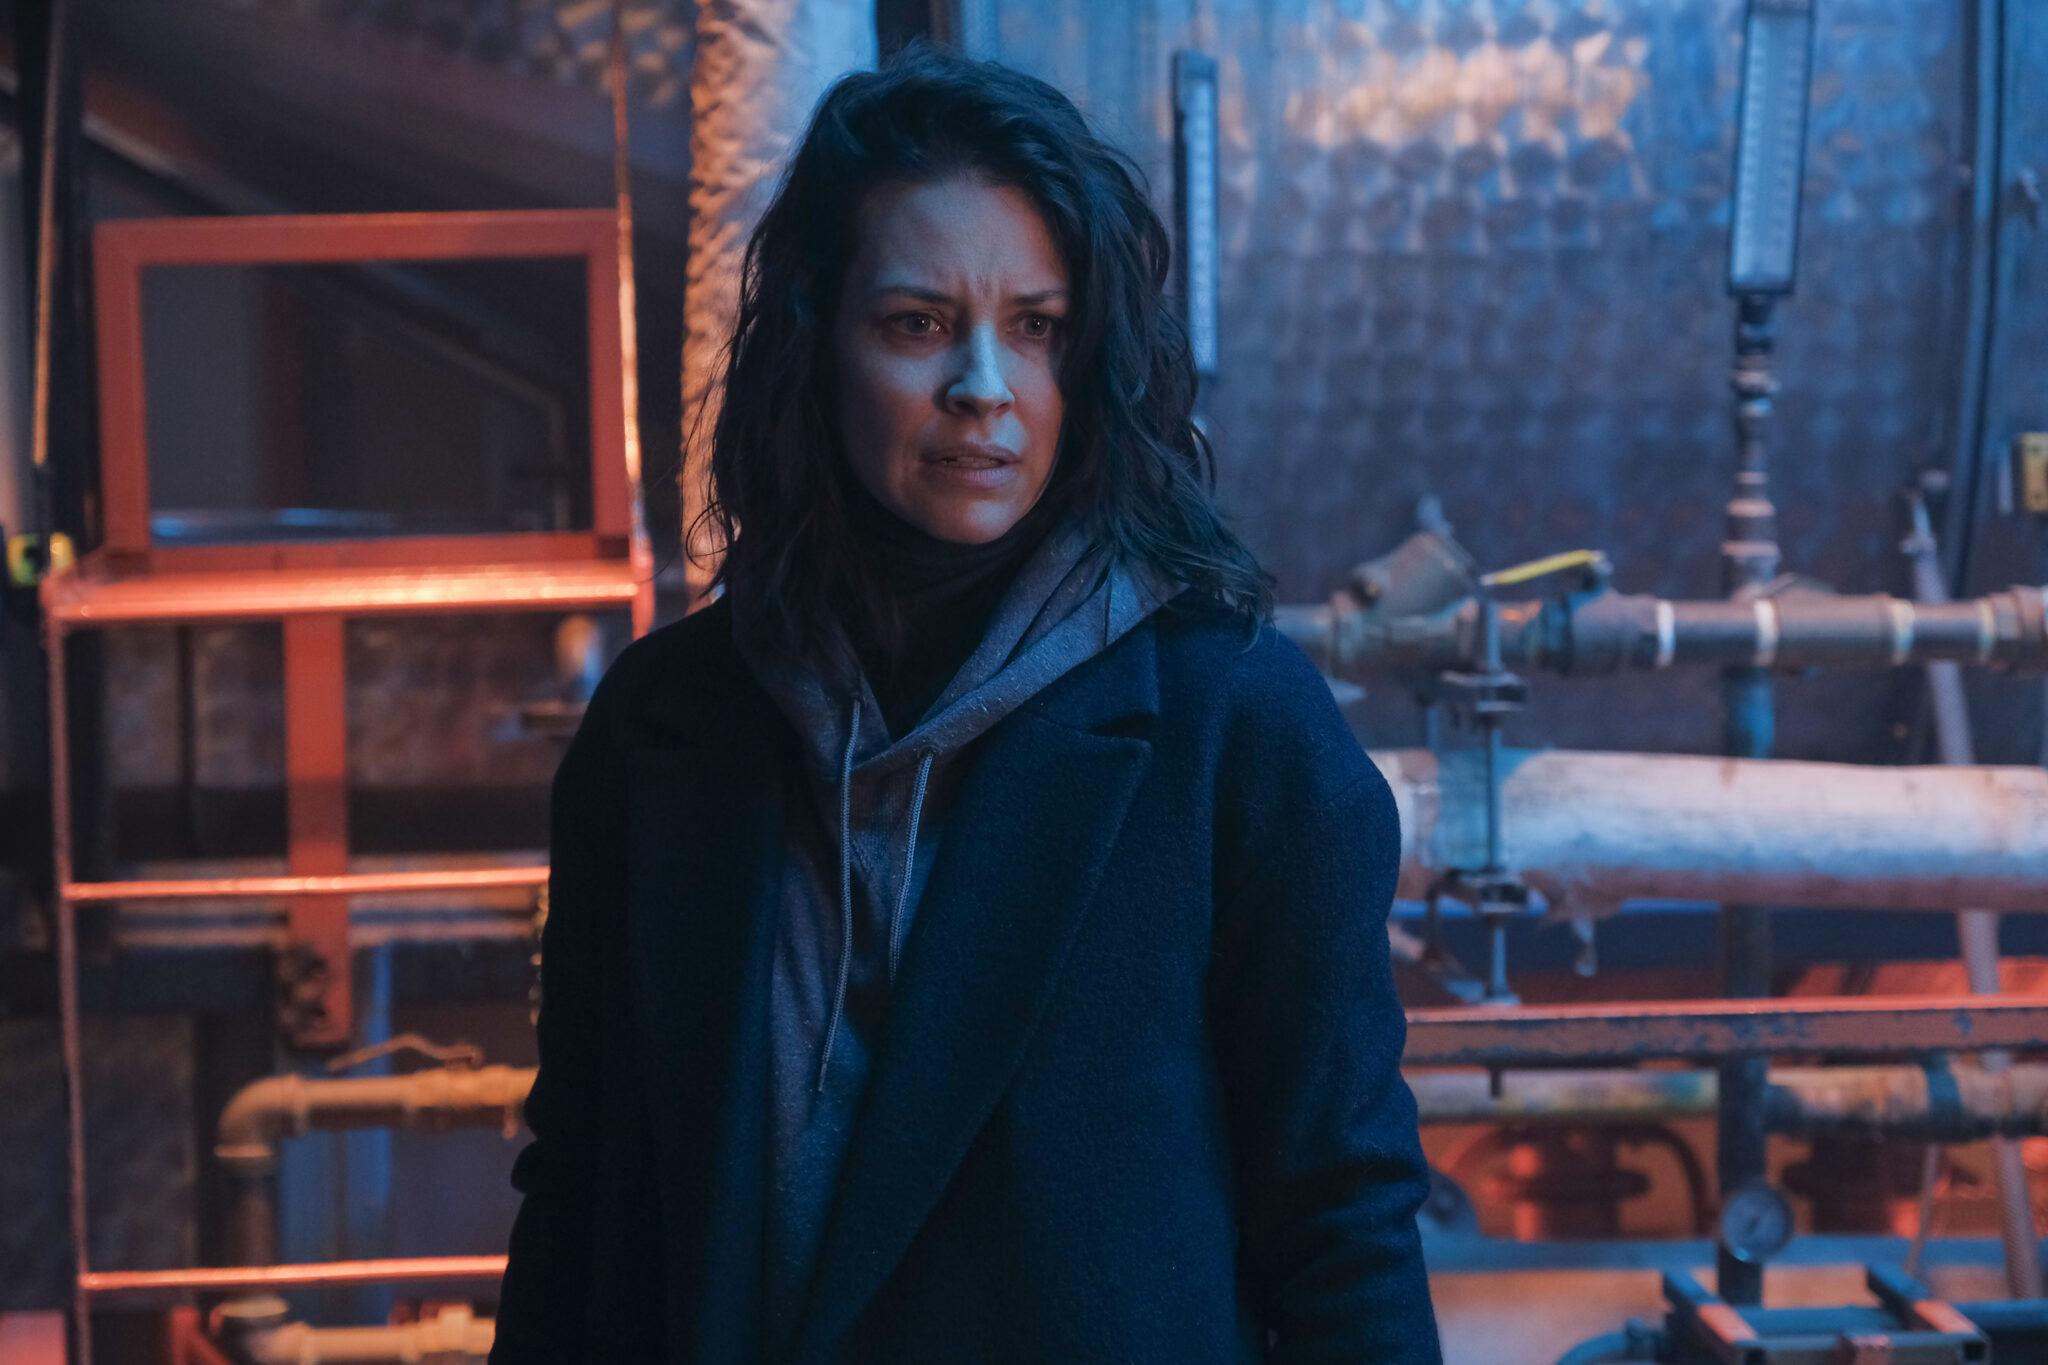 Claire (Evangeline Lilly) steht in einem Heizungskeller vor einigen Rohren und Metallwänden. Sie trägt eine schwarze Jacke über ihrem grauen Hoodie und hat dunkle, offene Haare.